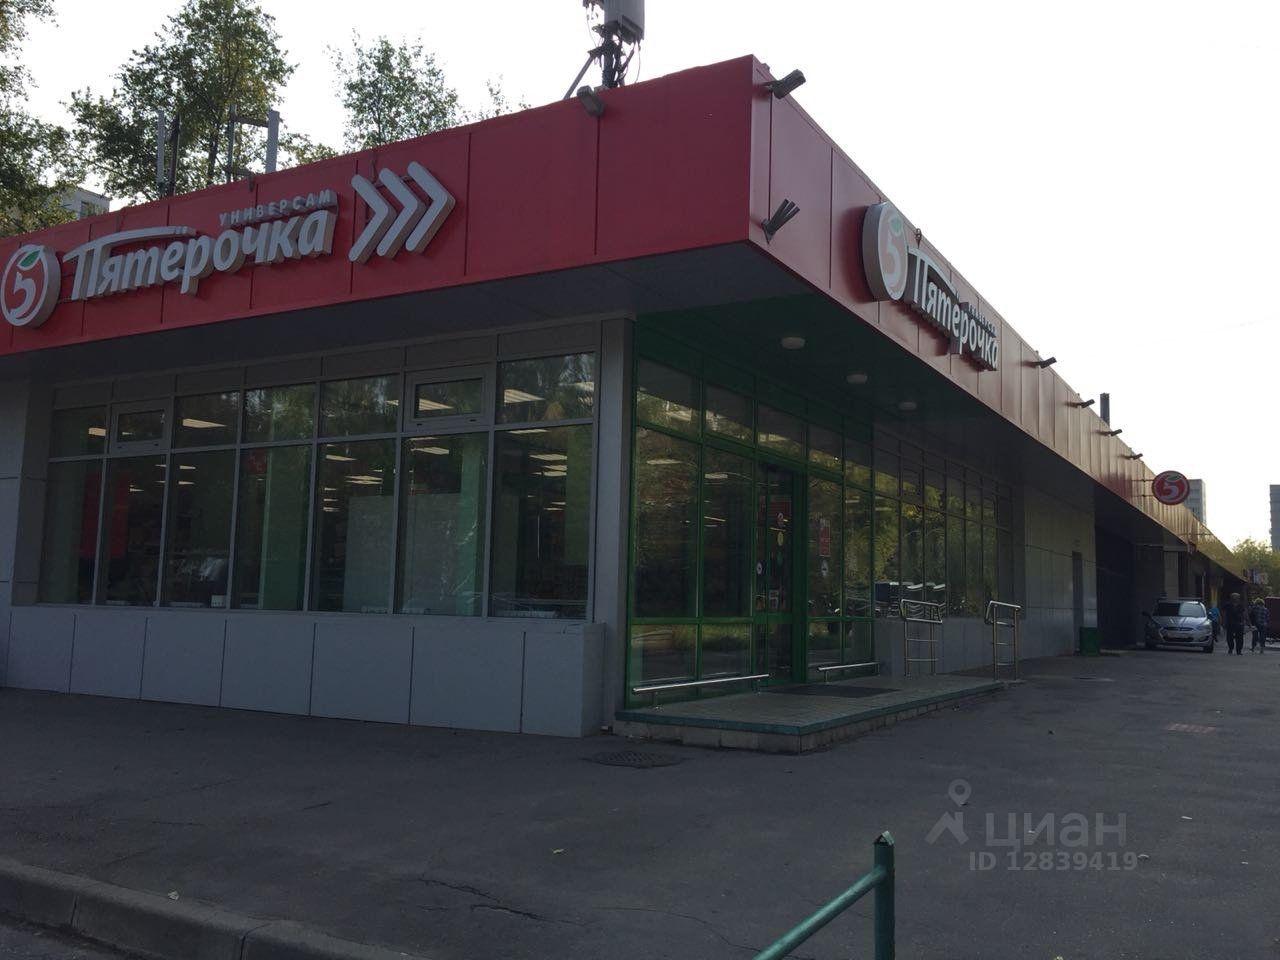 Коммерческая недвижимость Старый Гай улица коммерческая недвижимость рядом с метро в спб